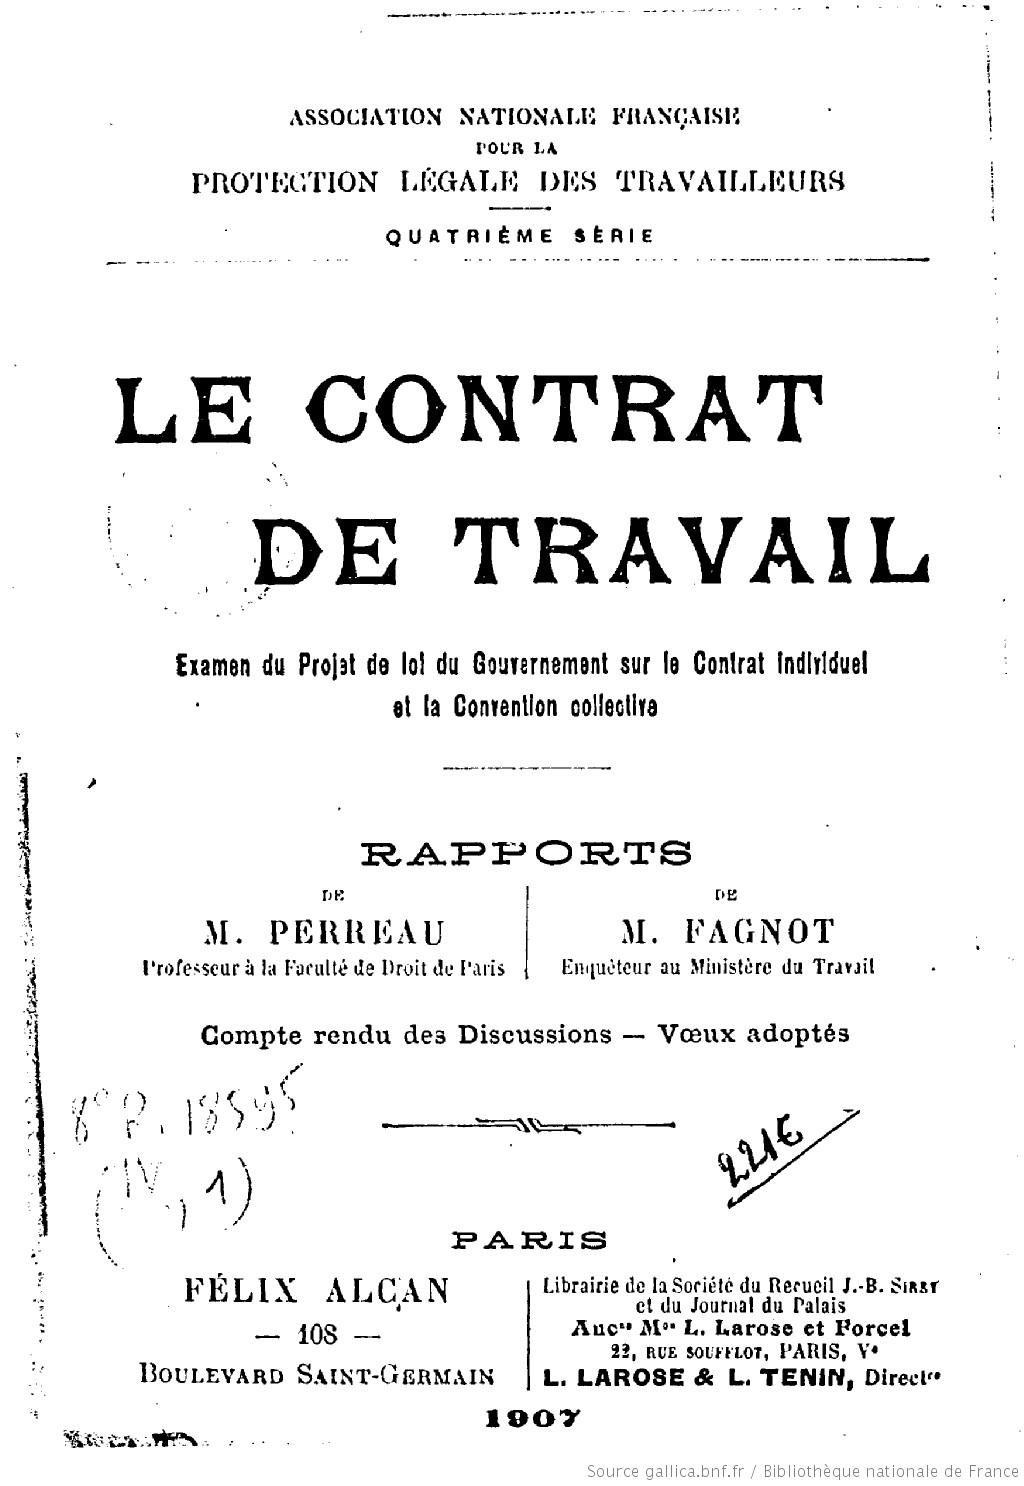 Le contrat de travail : examen du projet de loi du gouvernement